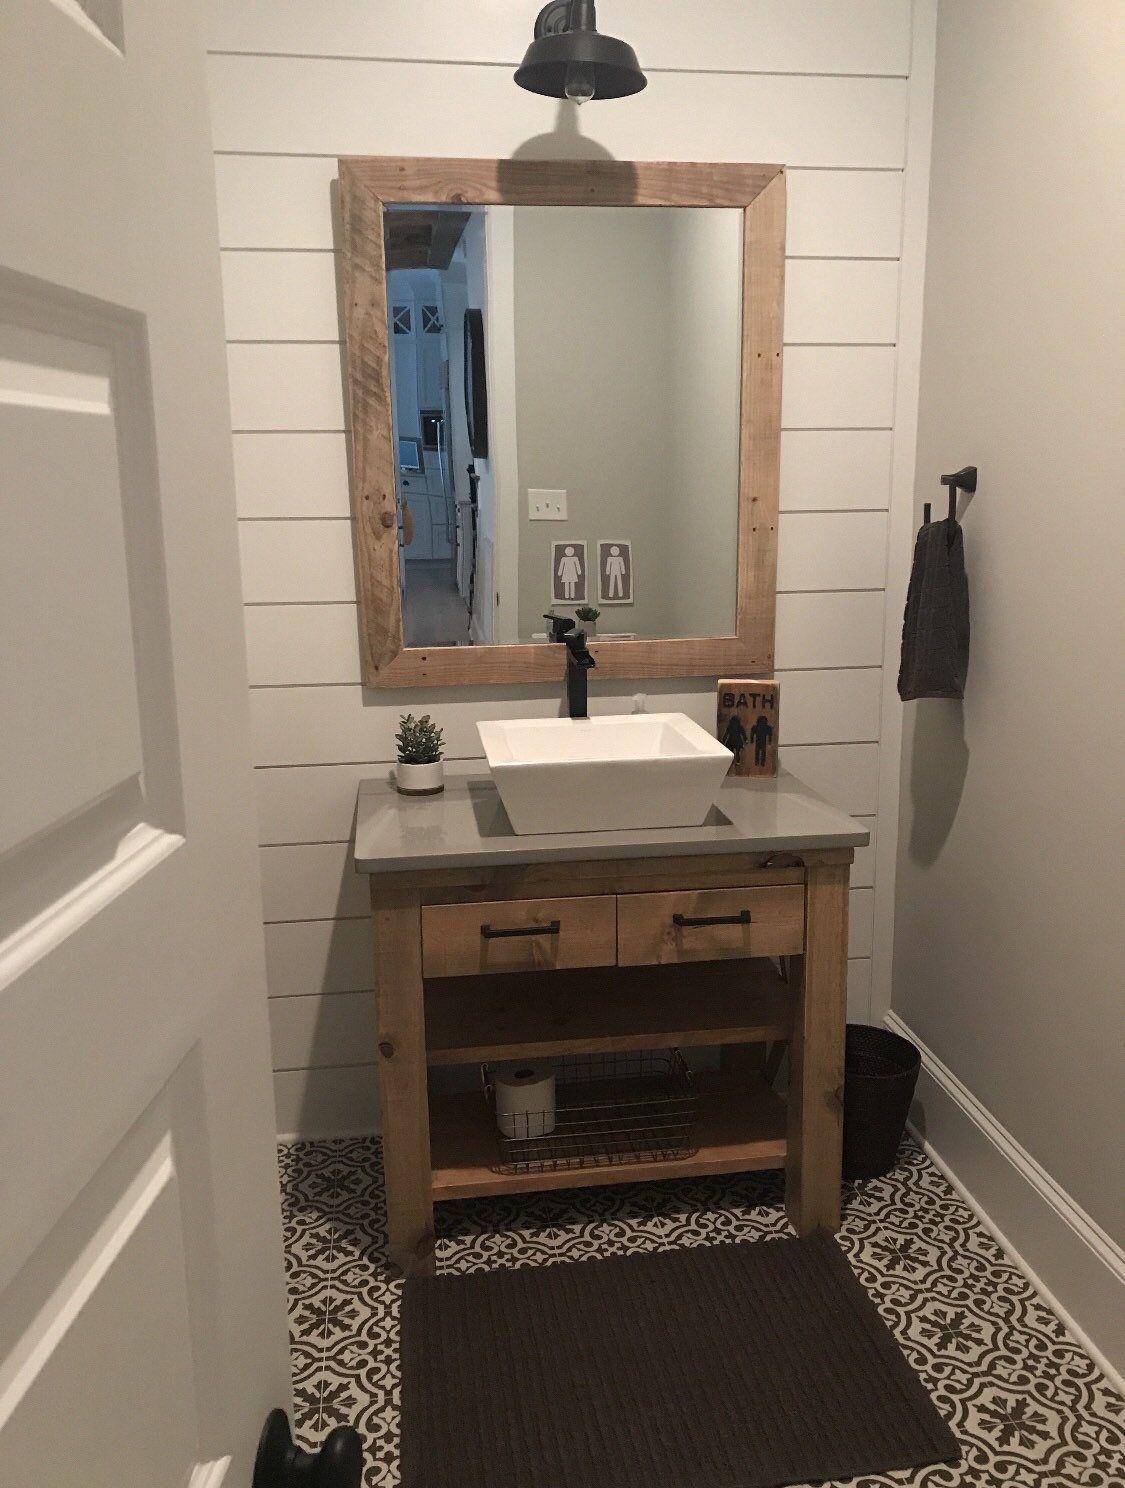 Apartment Barn Bathro Bathroom Bathroom Design Bathroom Design Tool Bathroom Ideas Bathroom Idea In 2020 Badezimmerwaschtisch Rote Badezimmer Badezimmer Themen